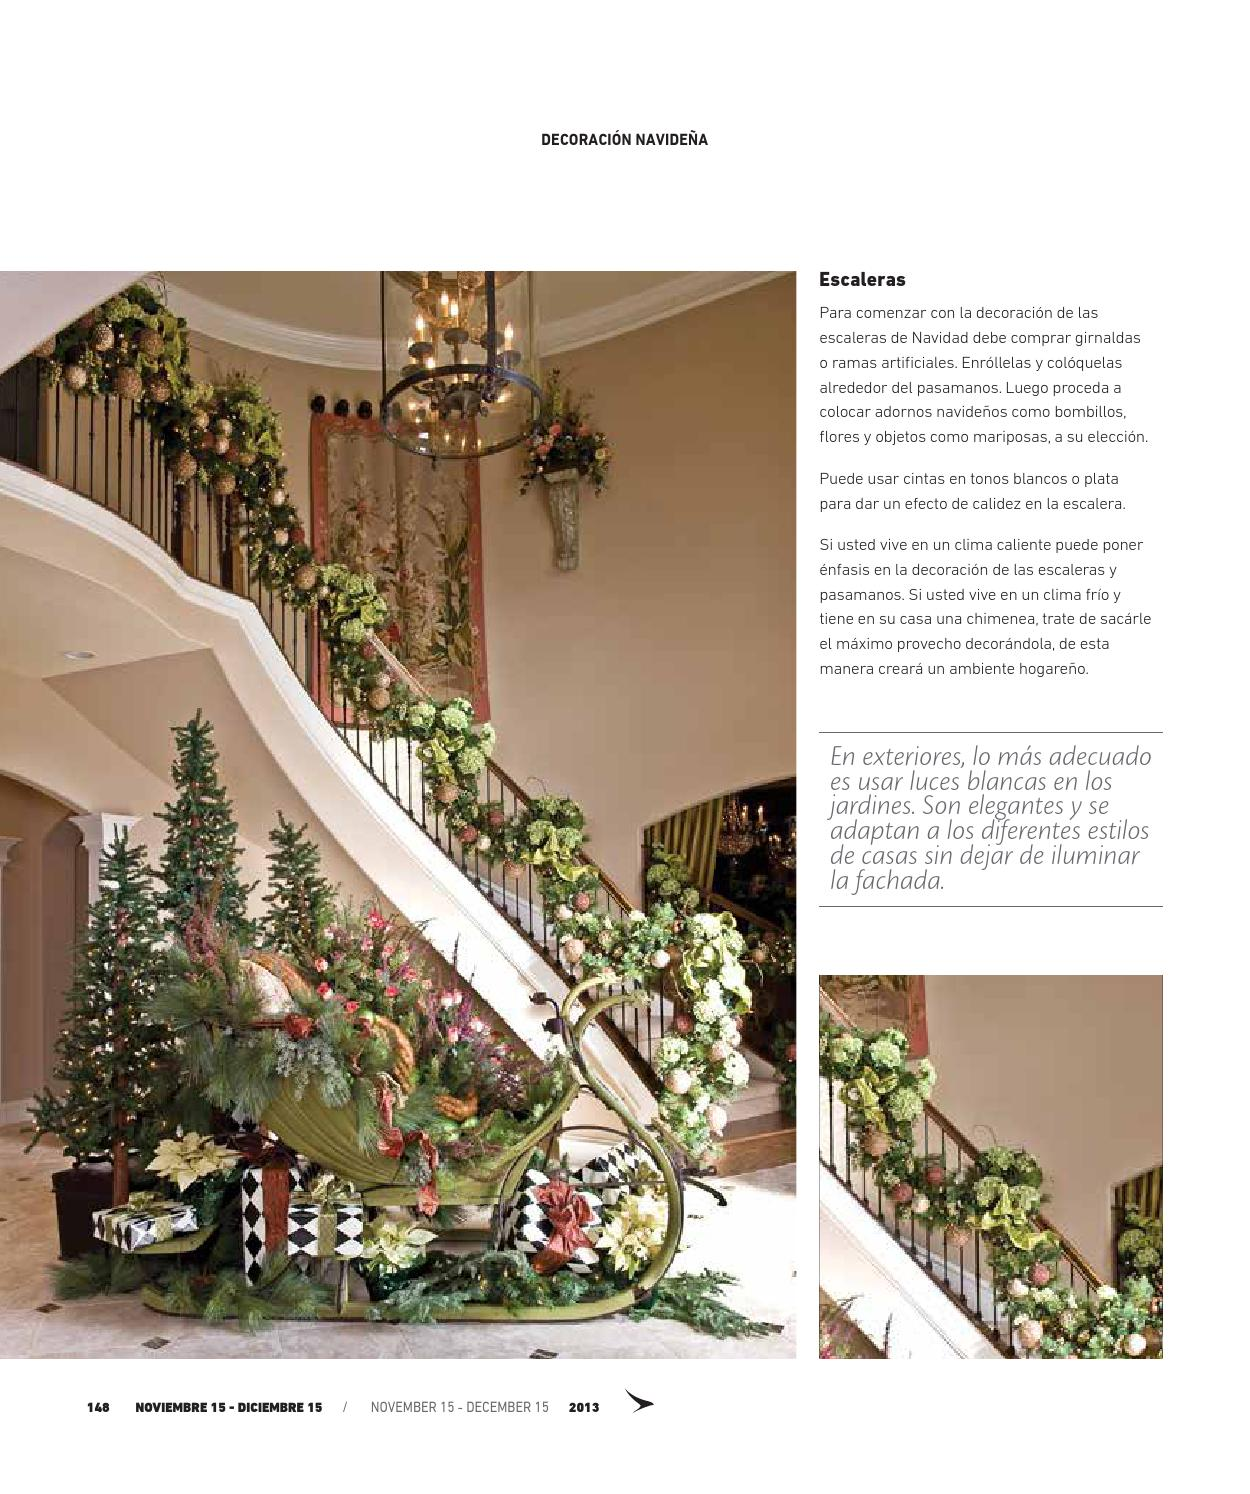 NBEADS 50 escaleras de jard/ín de hadas sin terminar decoraci/ón de paisajes adornos de madera para colgar manualidades para casa de mu/ñecas